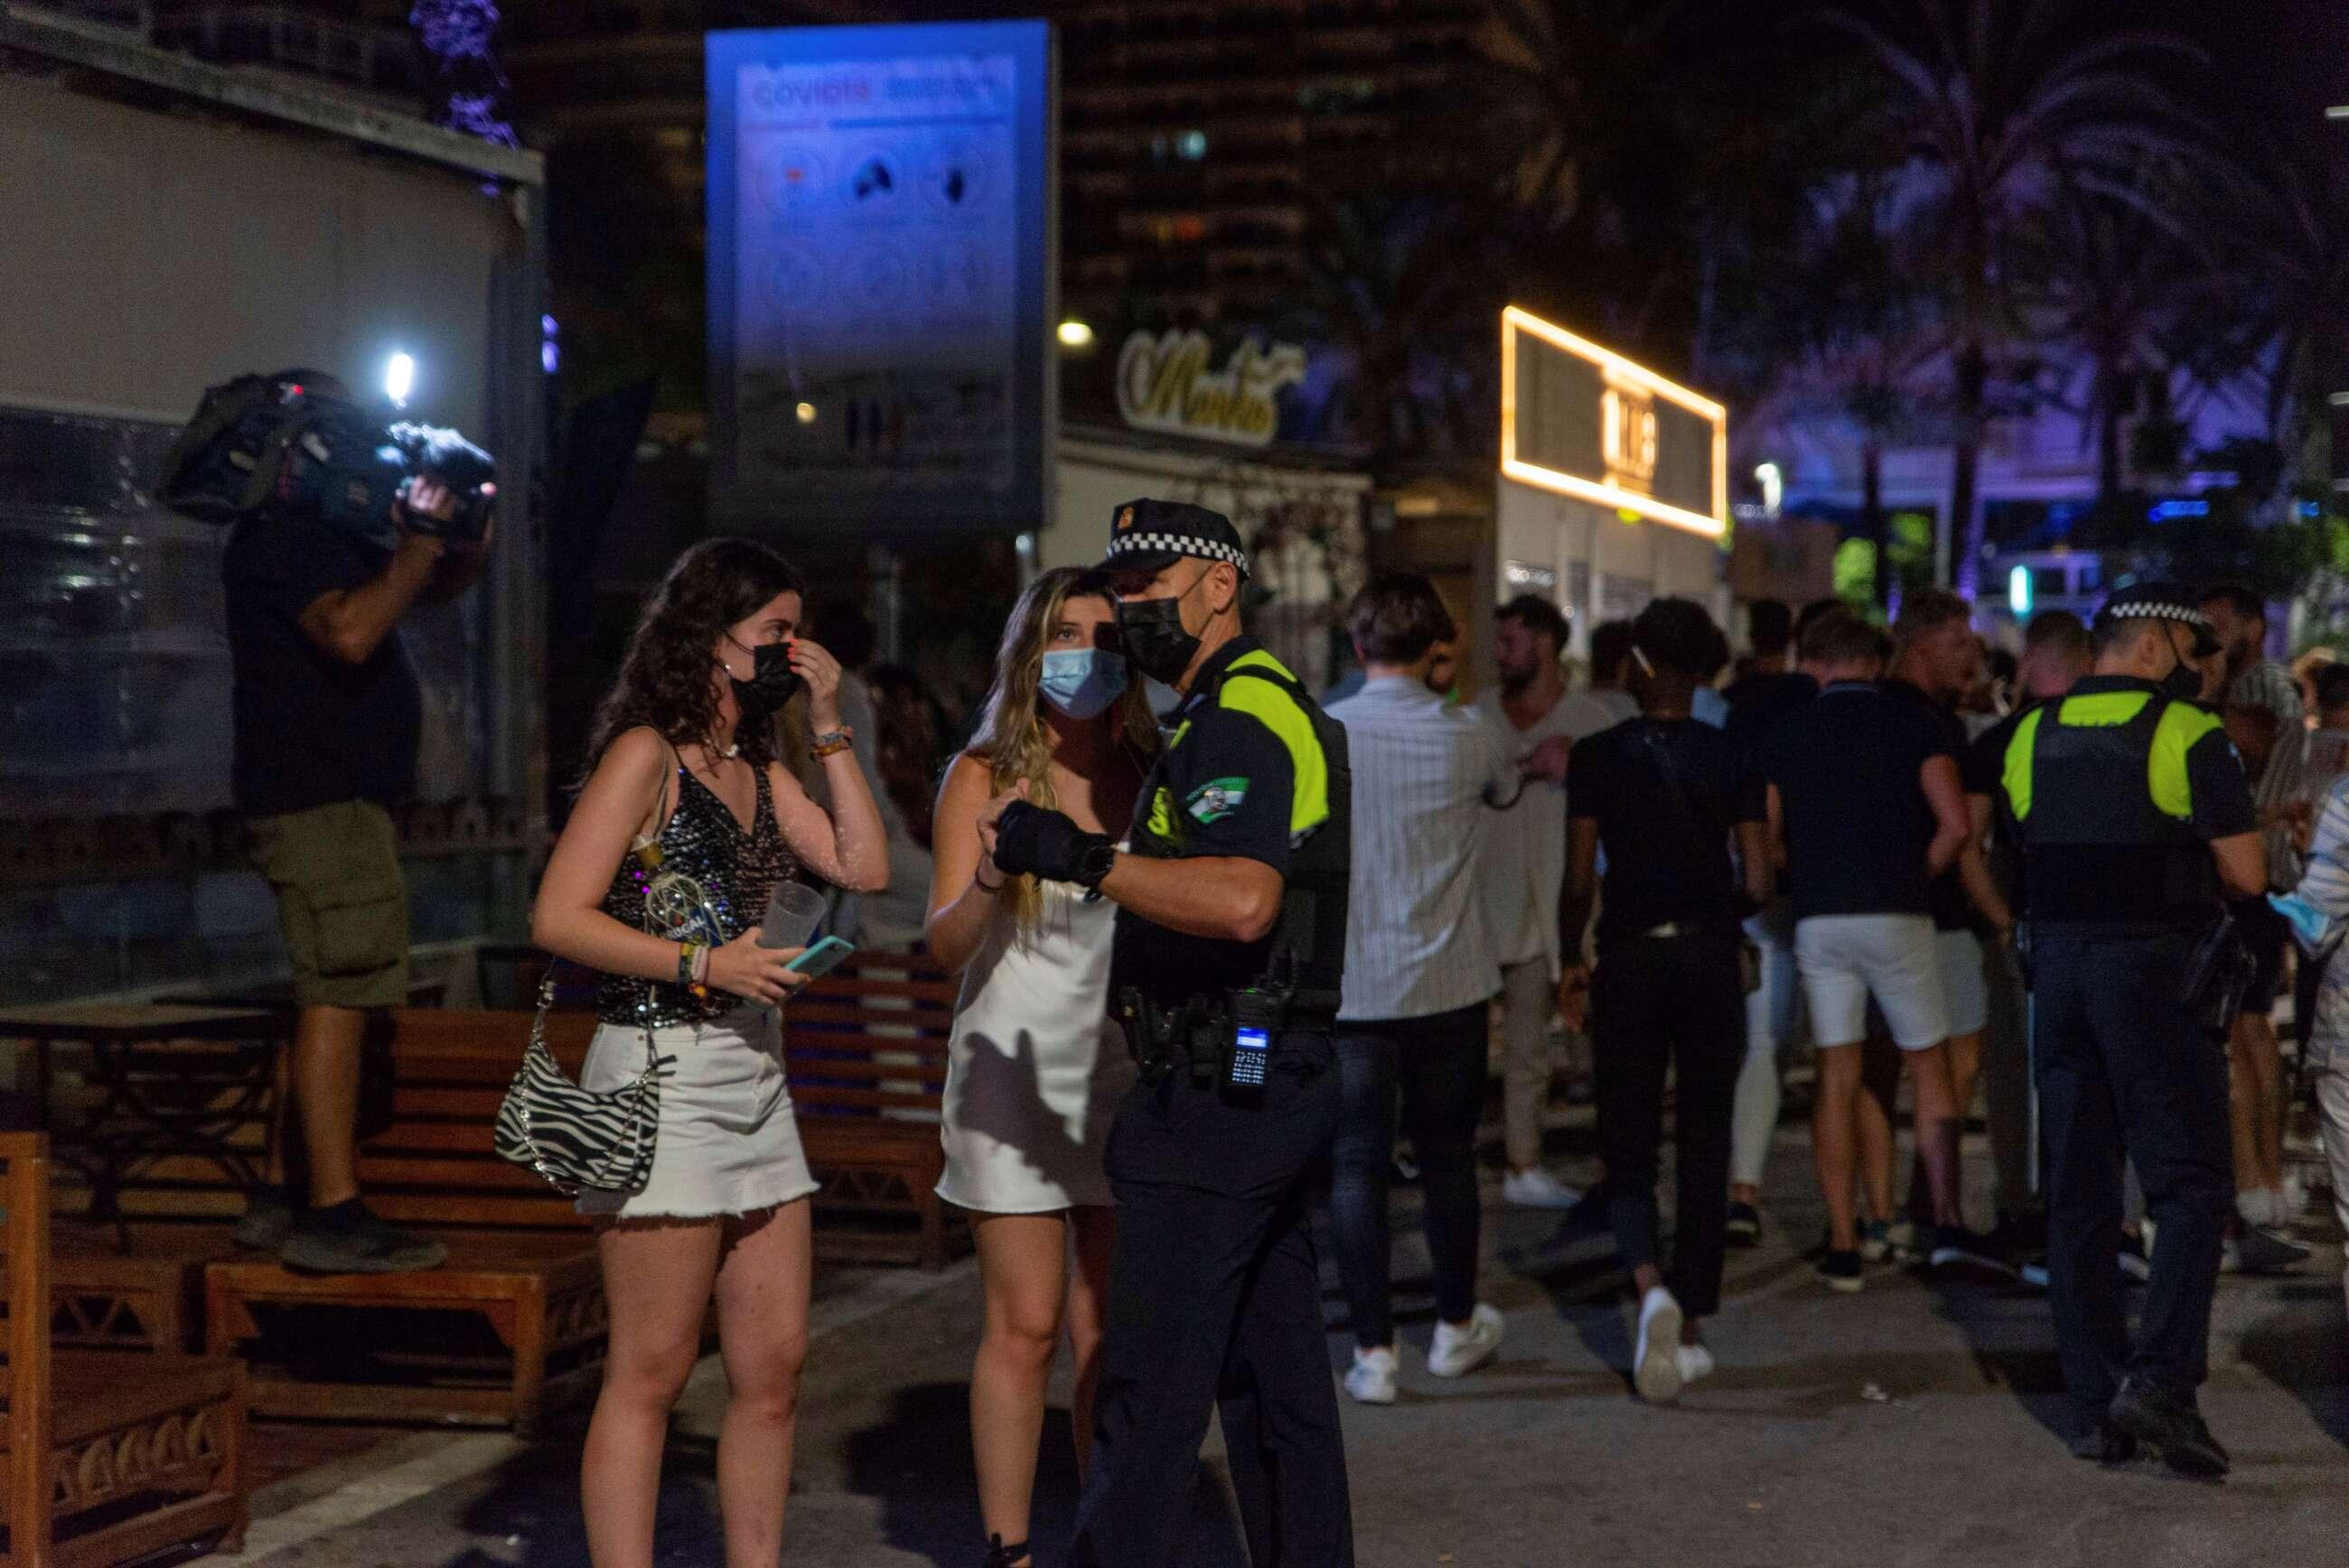 La Policía de Marbella desaloja a unos jóvenes de un local por saltarse las restricciones. // EFE